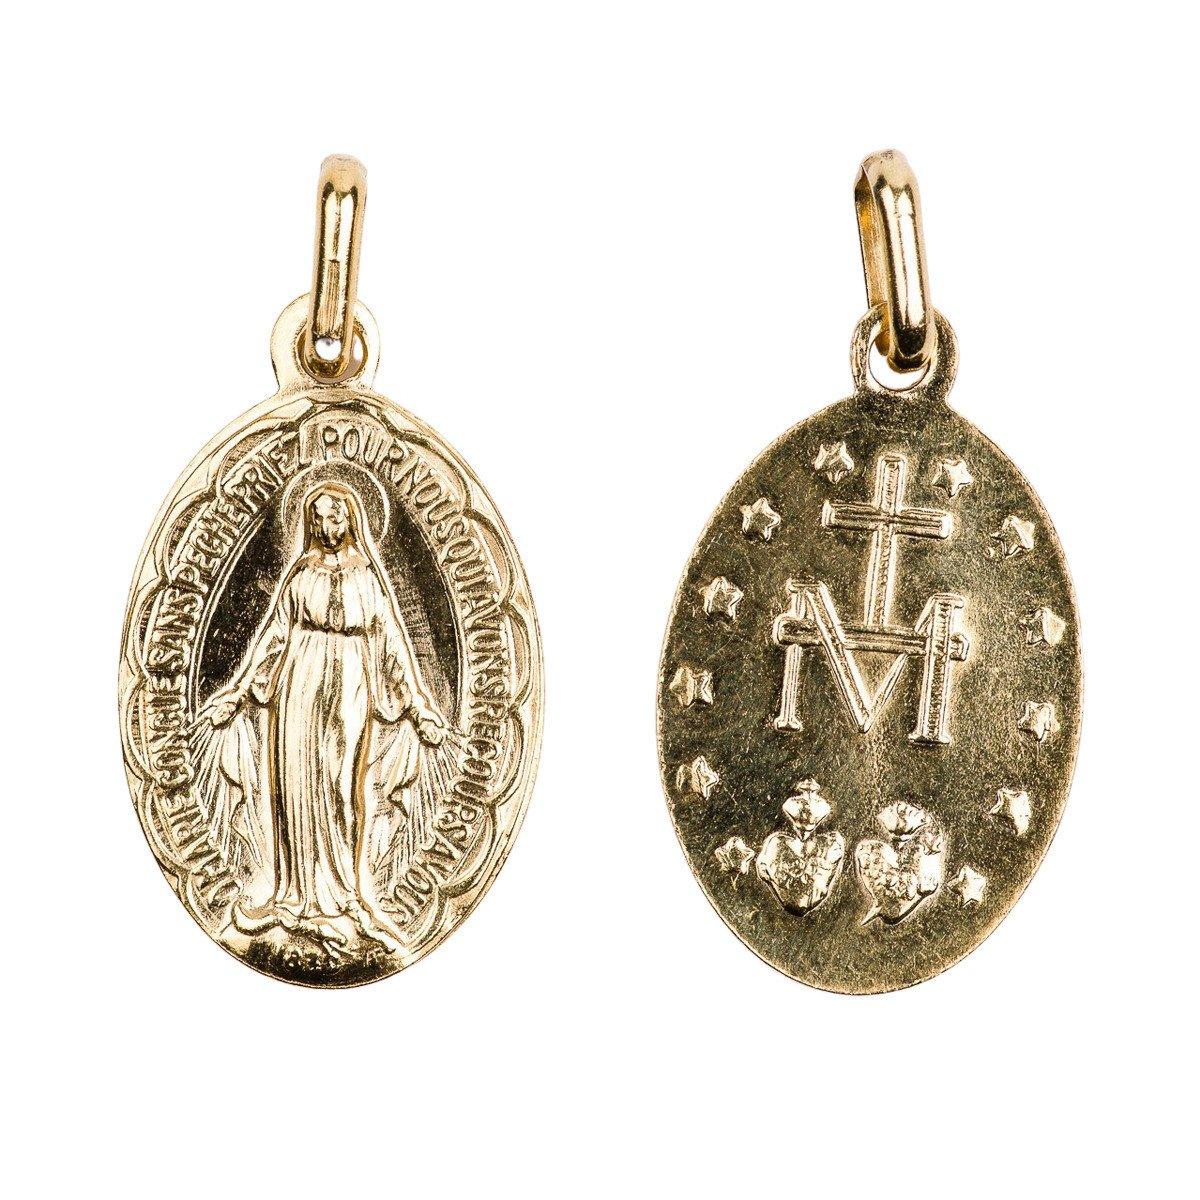 Médaille Miraculeuse festonnée - 19 mm